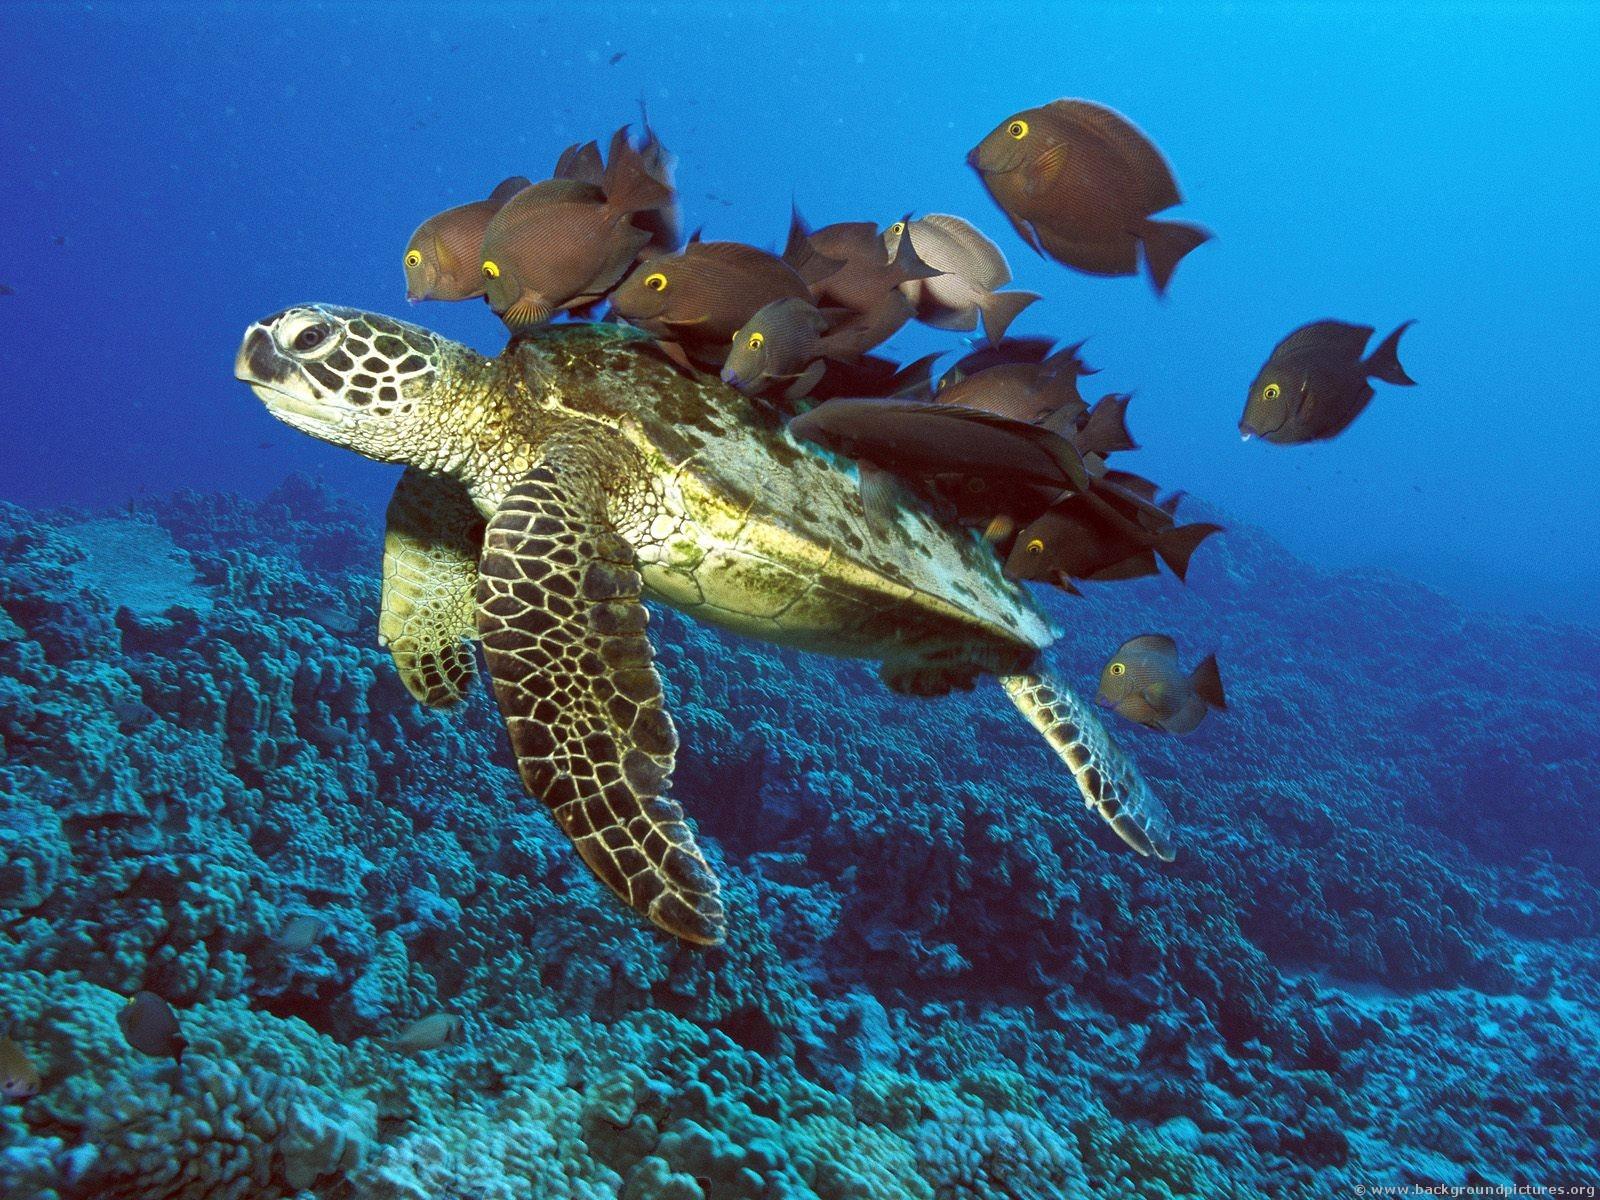 +Green+sea+turtle+migration+habitat+green+turtleblack+sea+turtle ...